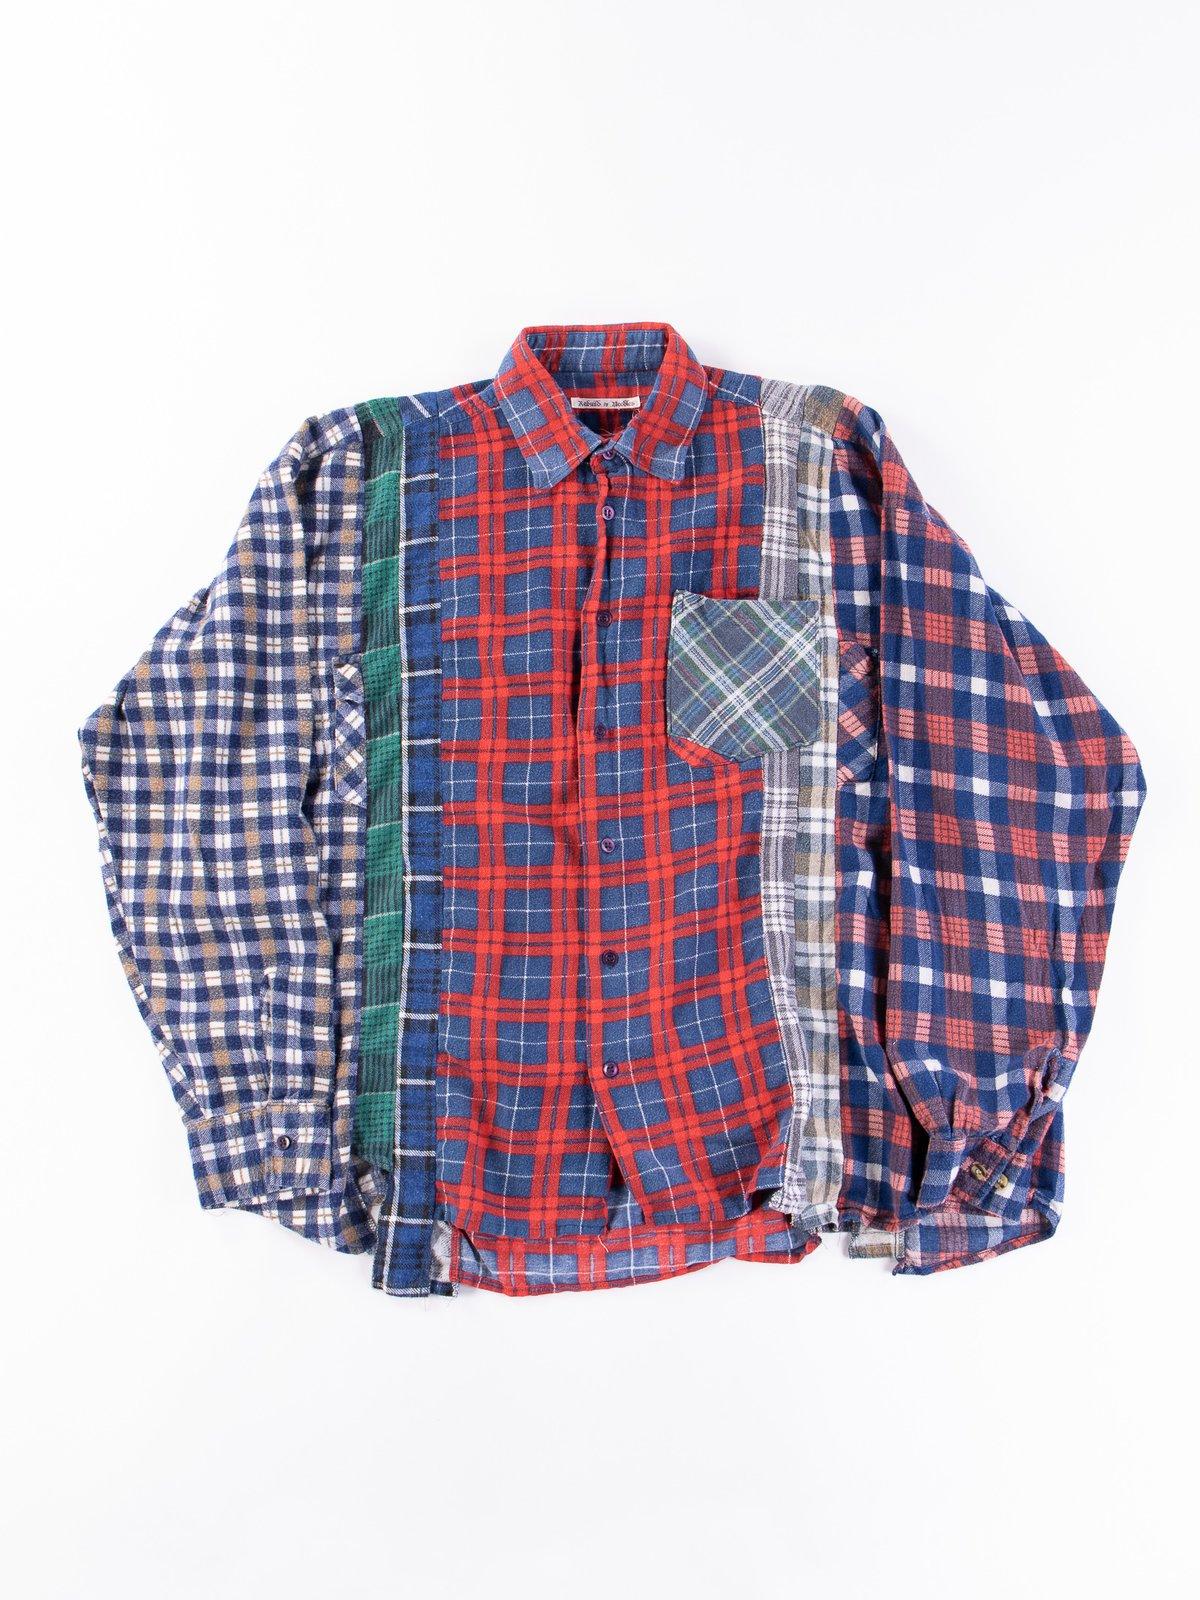 Assorted 7 Cuts Rebuild Shirt - Image 4